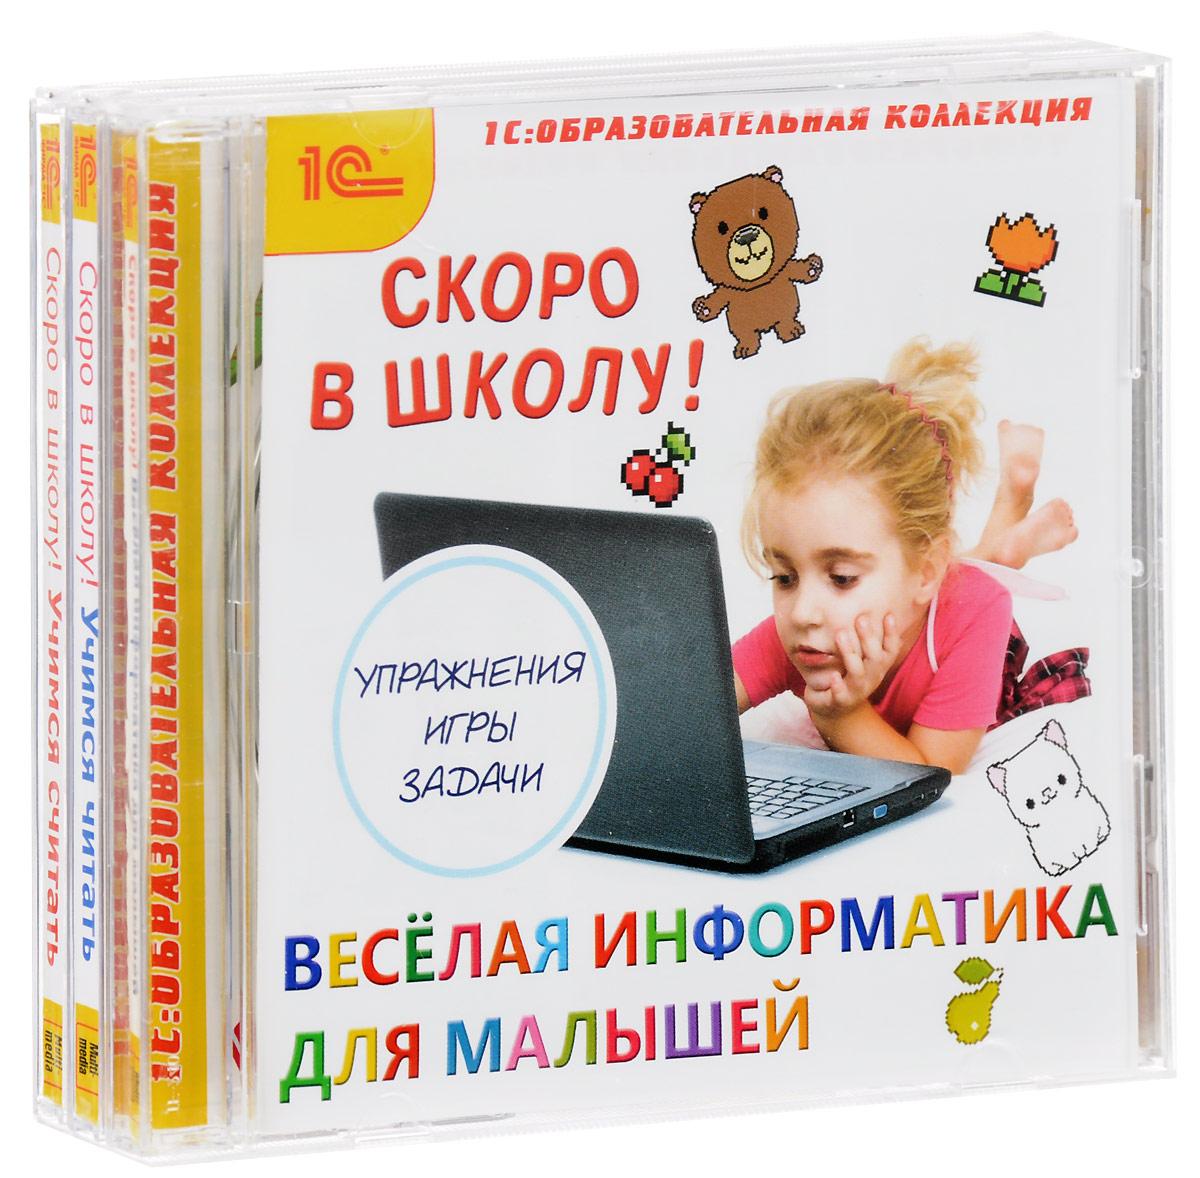 Zakazat.ru 1С: Образовательная коллекция. Комплект Скоро в школу 1